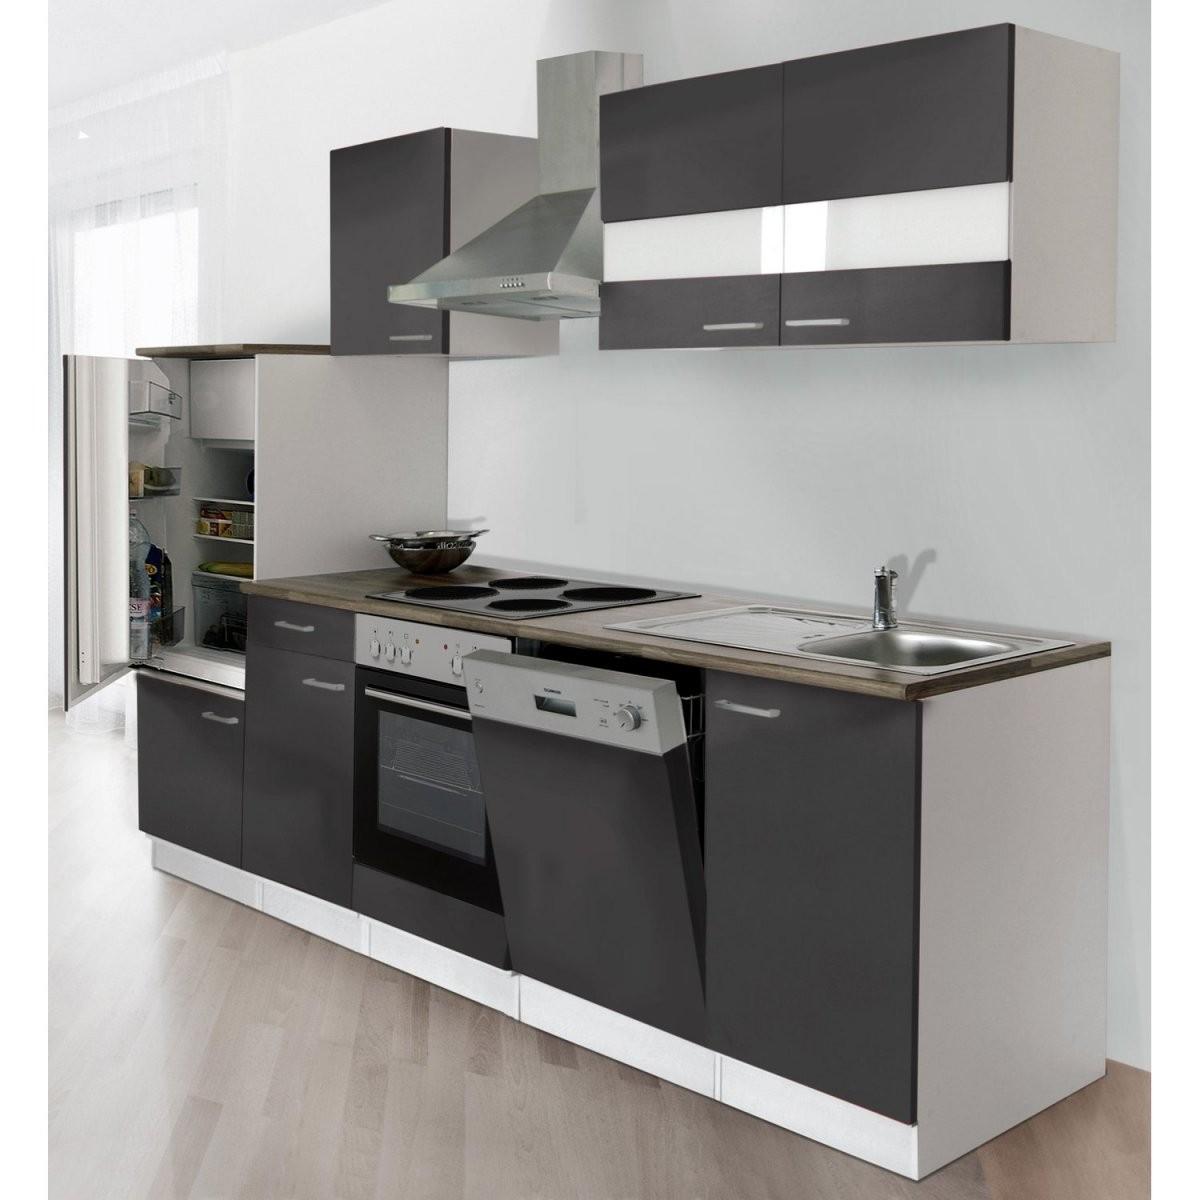 Respekta Küchenzeile Ohne Egeräte Lbkb280Wg 280 Cm Grauweiß Kaufen von Küchenzeile Mit Elektrogeräten Ohne Kühlschrank Bild